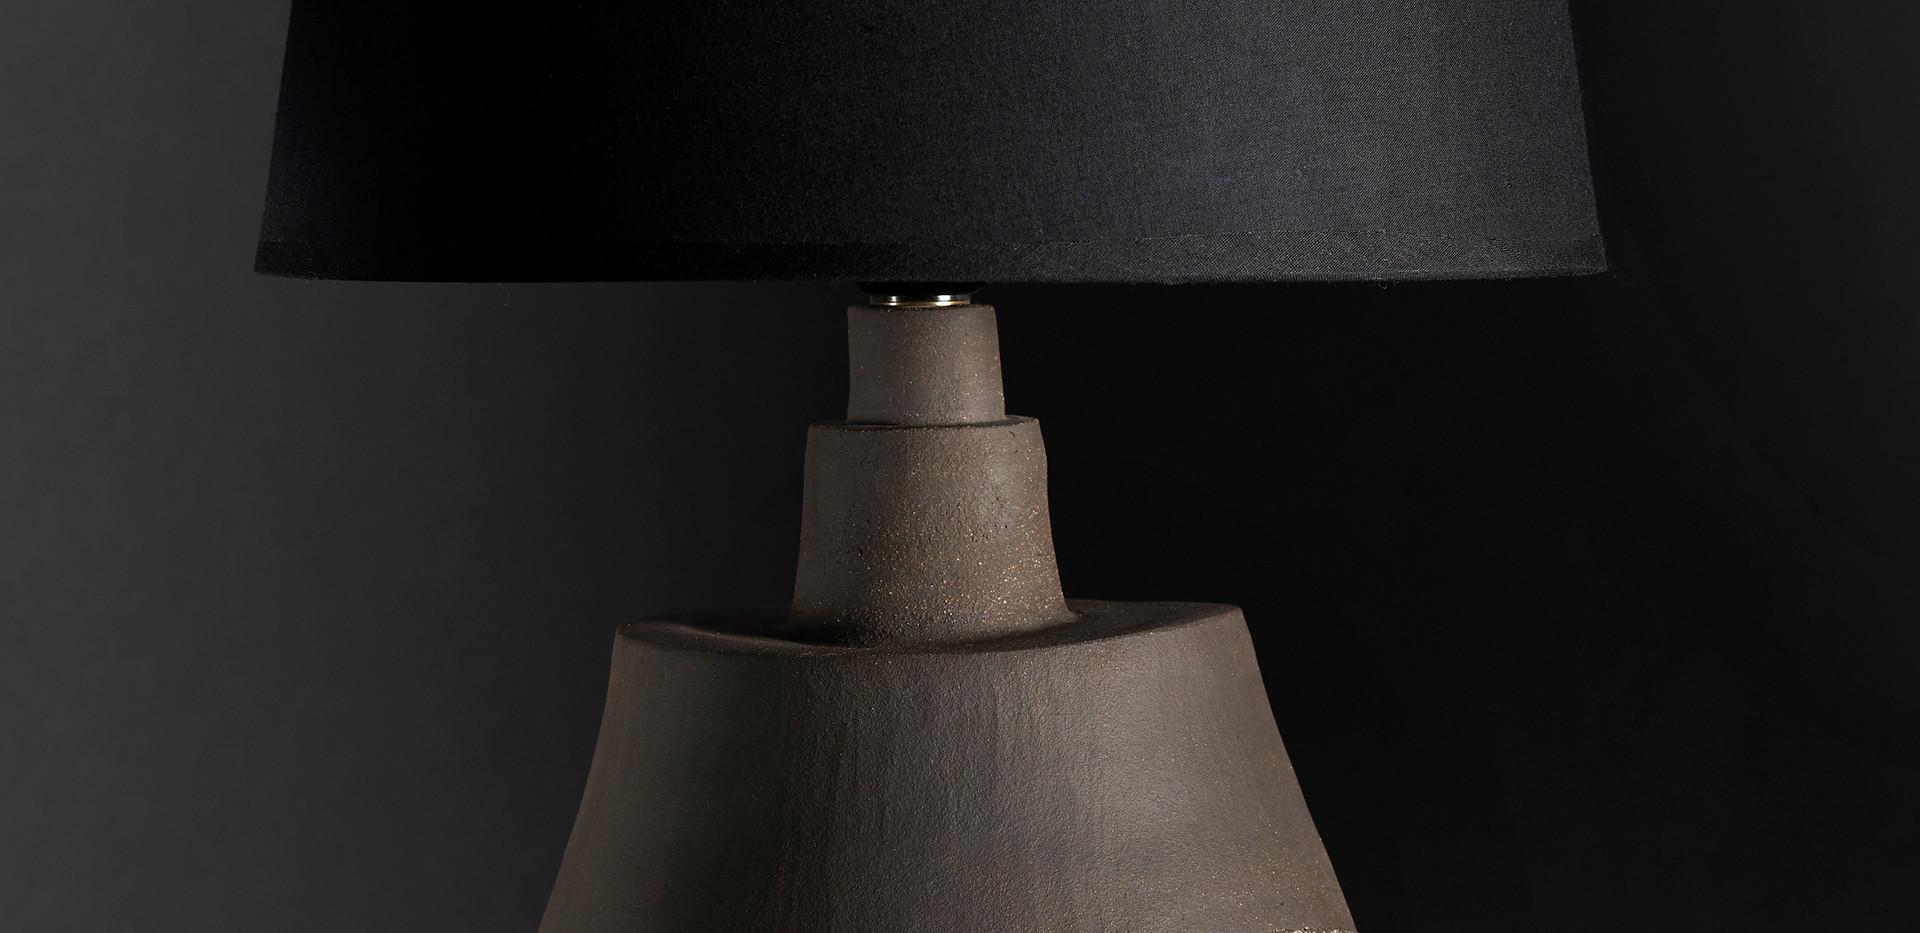 Lampe  diam 23 cm / haut 46 cm